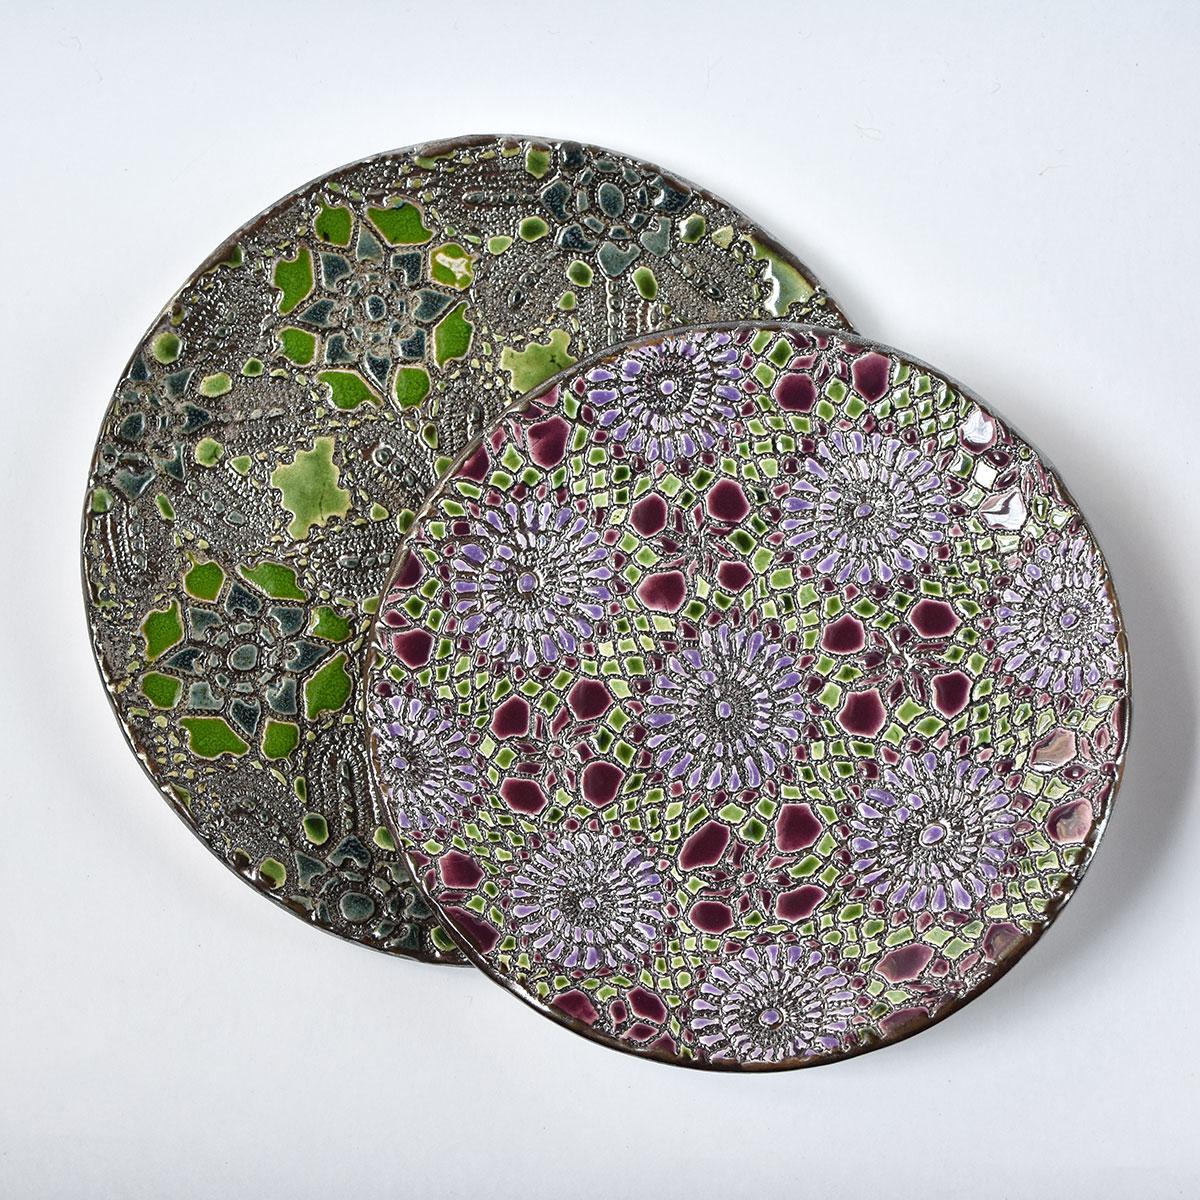 """картинка Керамическая тарелка """"Сказочные самоцветы"""" - DishWishes.Ru"""